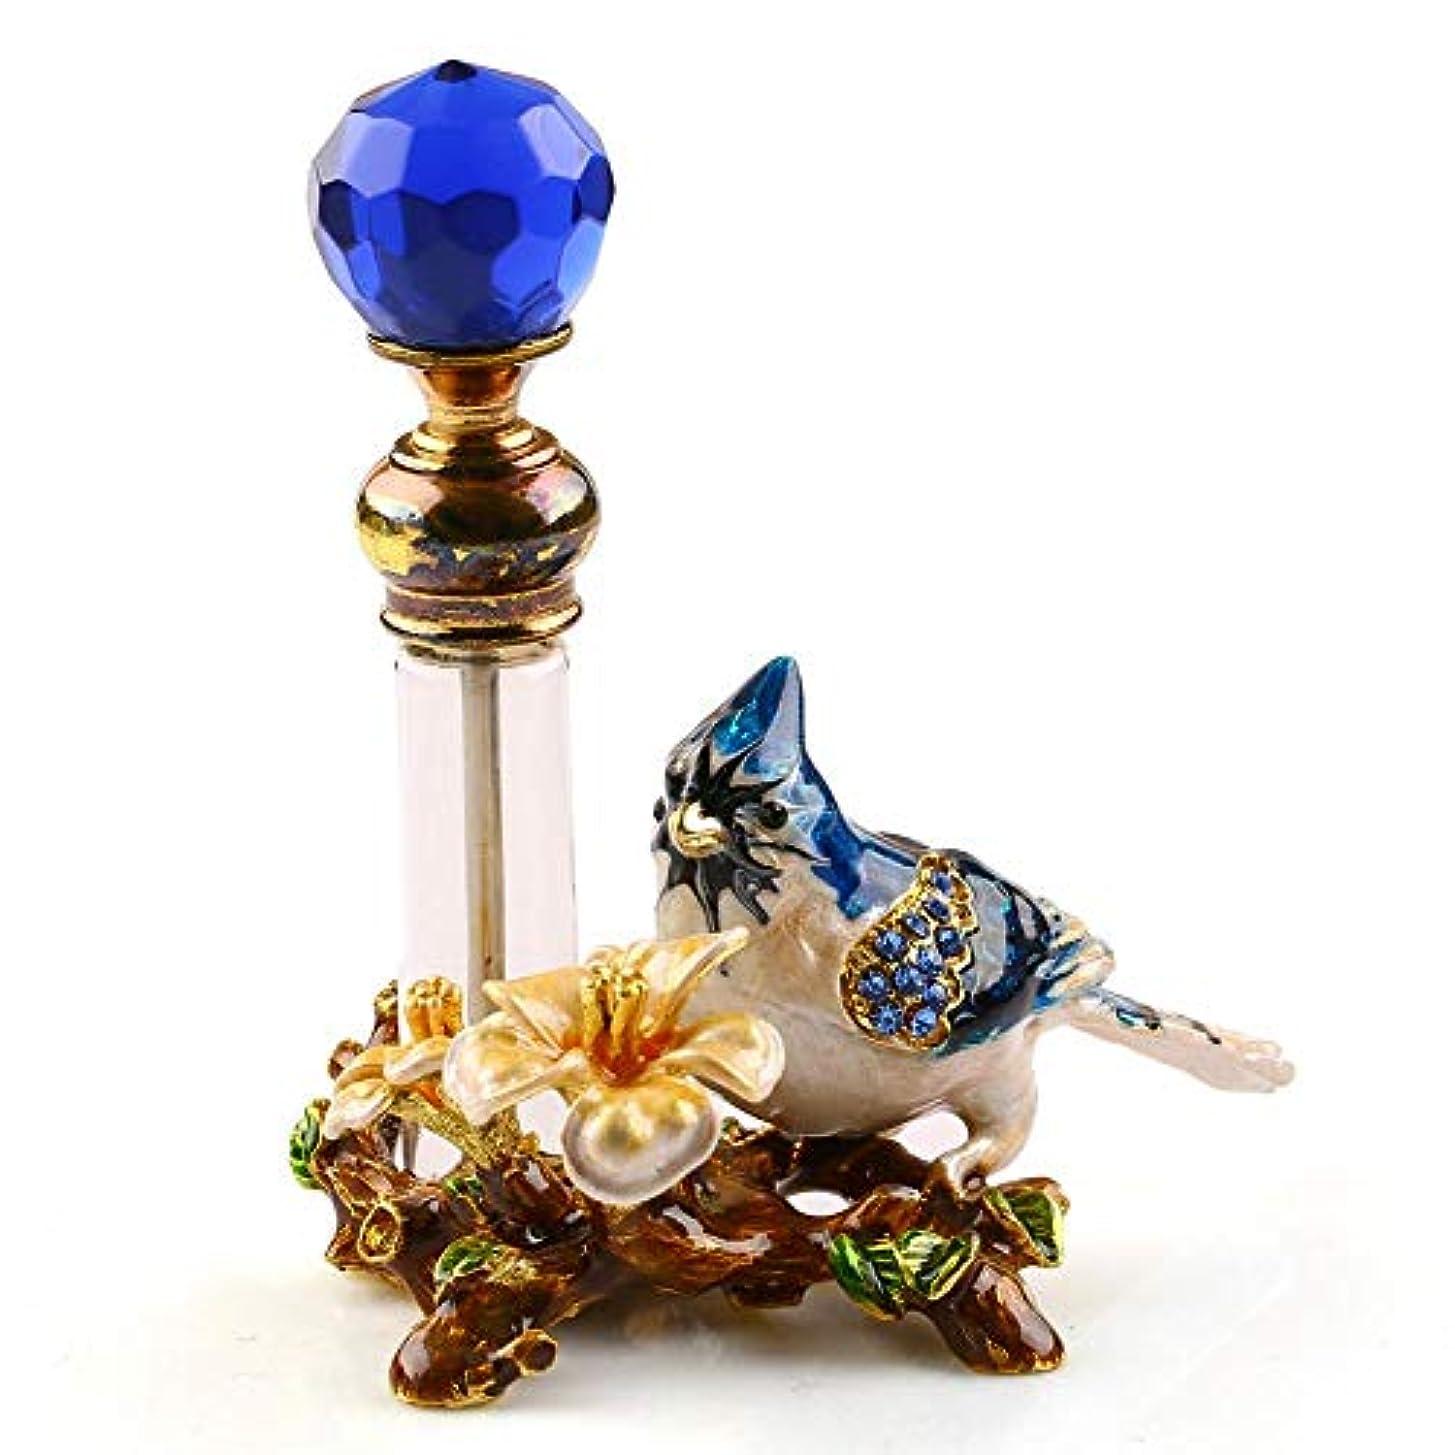 リード神聖ガラスVERY100 高品質 美しい香水瓶 4ML アロマボトル 綺麗アンティーク風 鳥と花 詰替用ボトル 空き プレゼント 結婚式 飾り